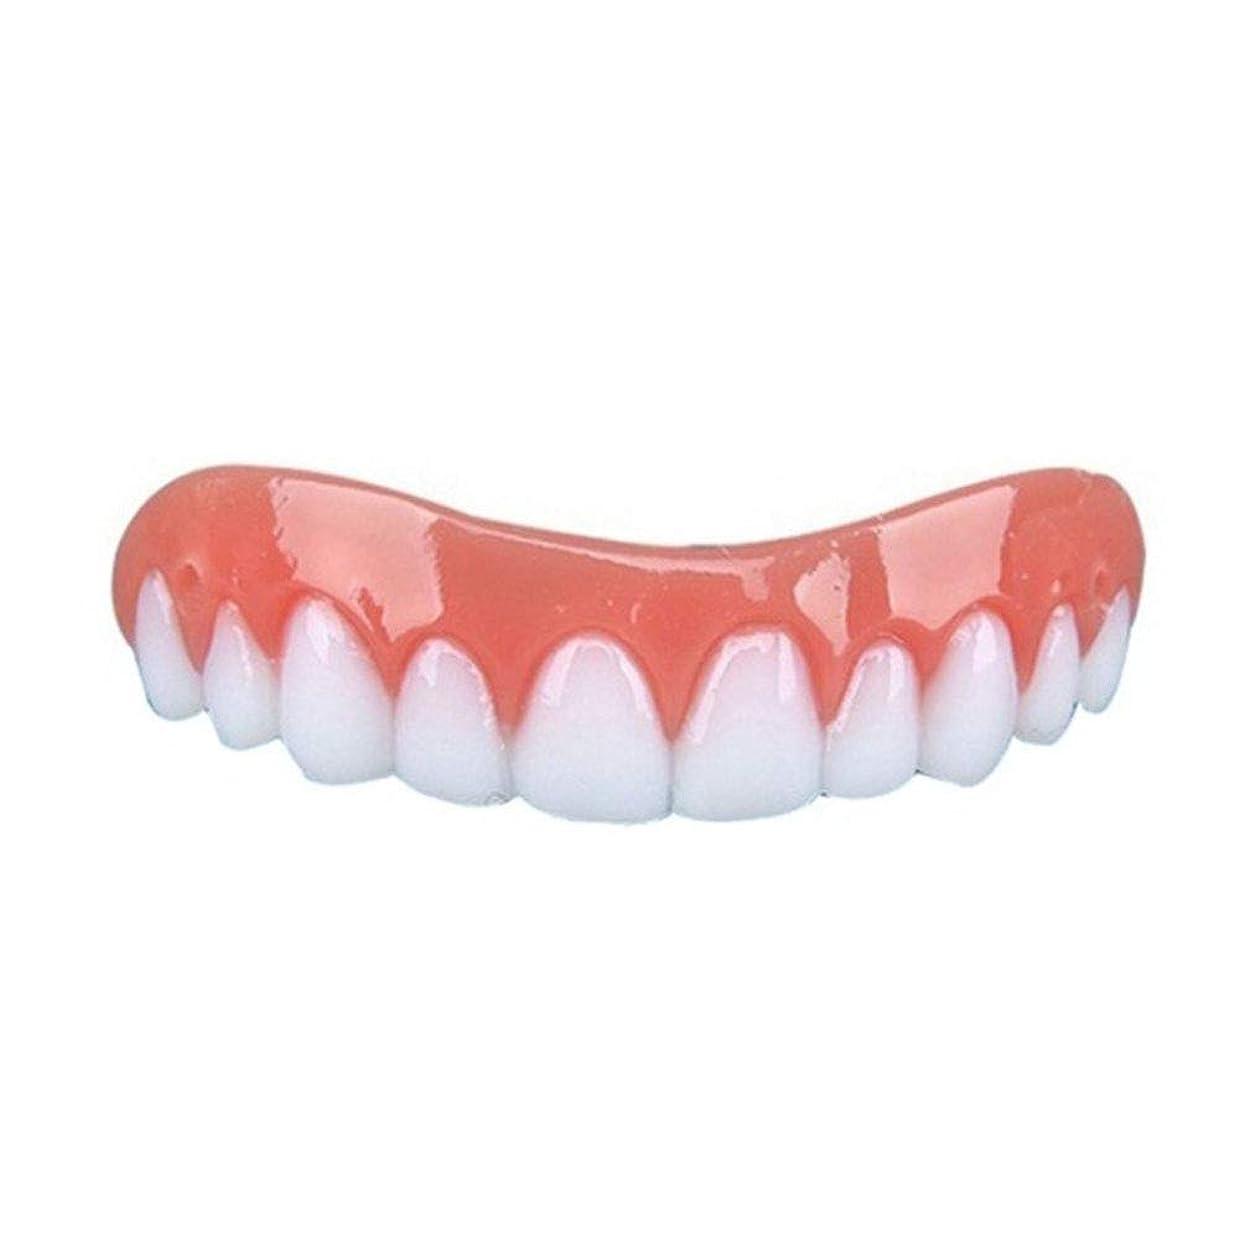 立場ペインギリック眩惑するBartram 歯カバー シリコン義歯ペースト 上歯 笑顔を保つ 歯保護 美容用 入れ歯 矯正義歯